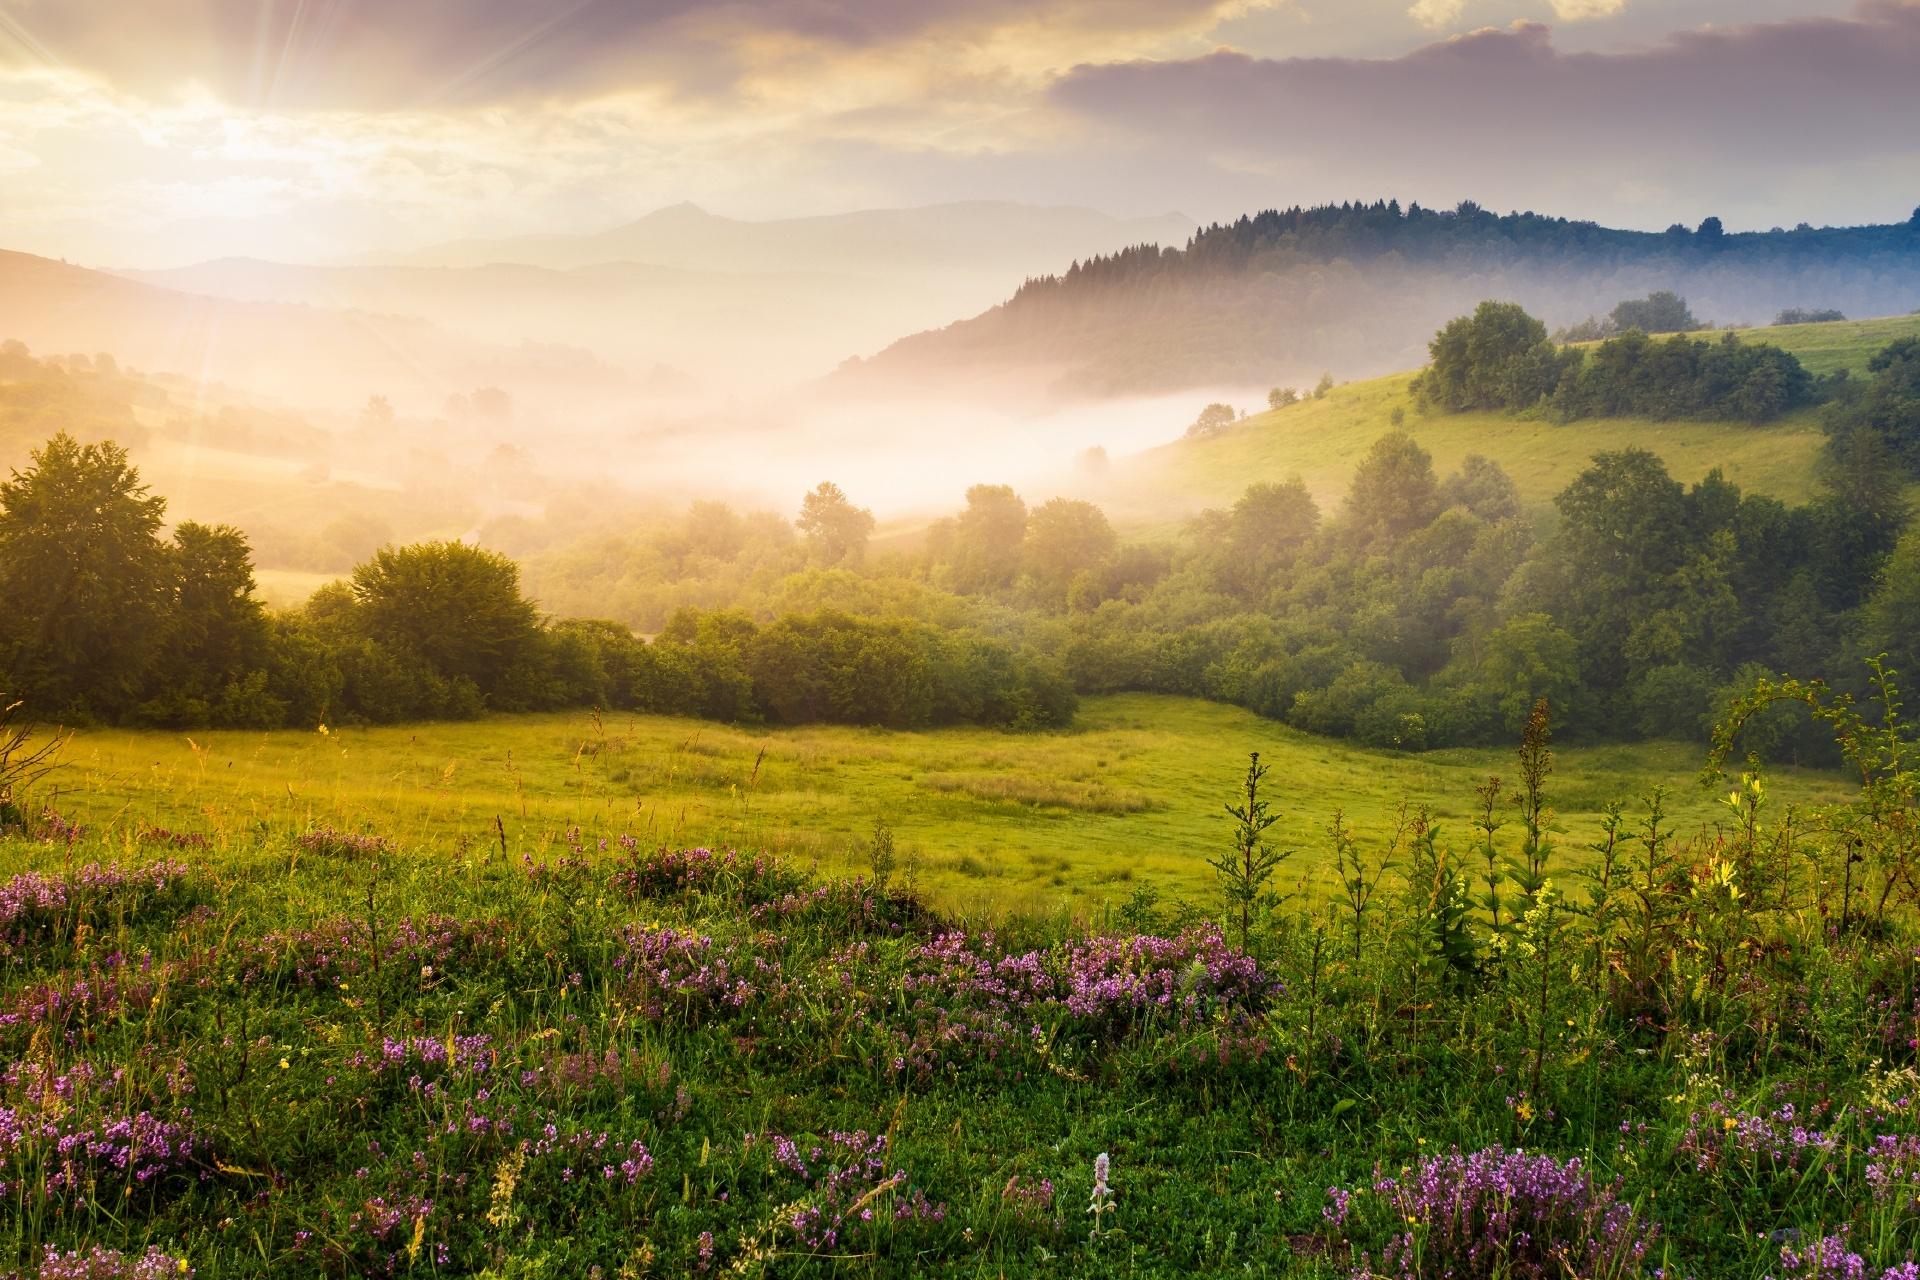 朝霧に包まれる夏の朝のカルパティア山脈の風景 ウクライナの風景